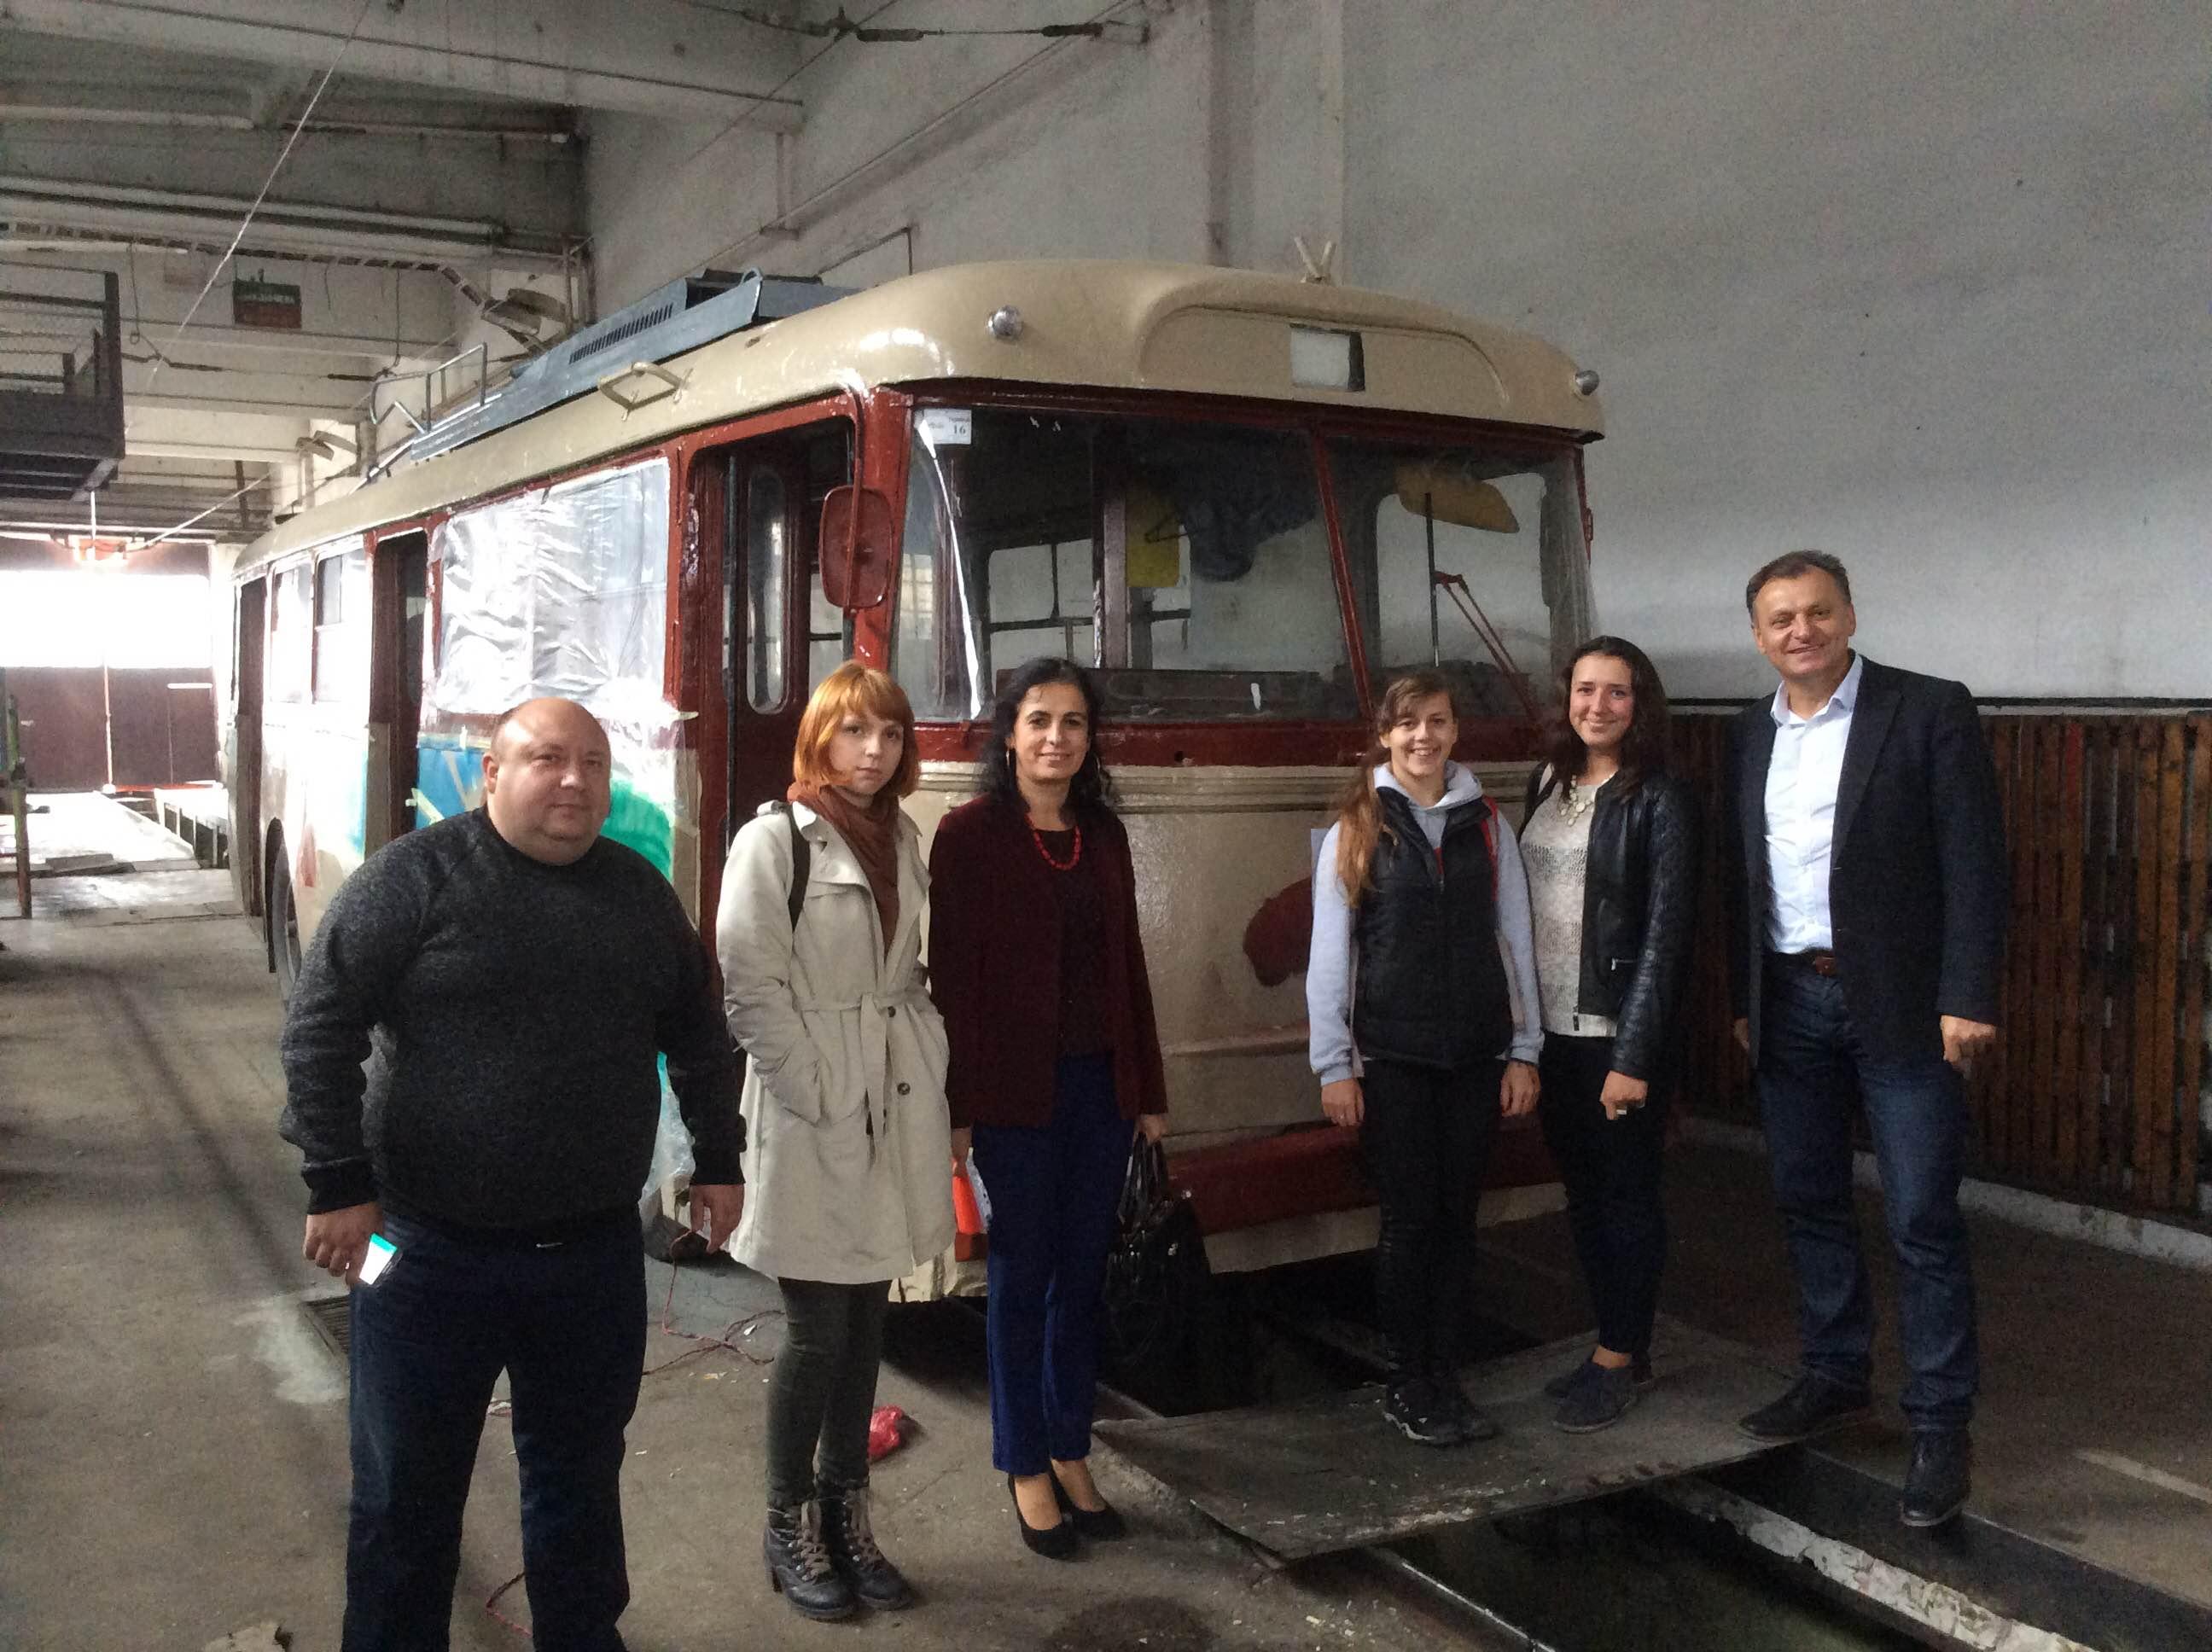 Організатори фестивалю ретро-машин «Золота підкова» презентуватимуть місту ретро-тролейбус